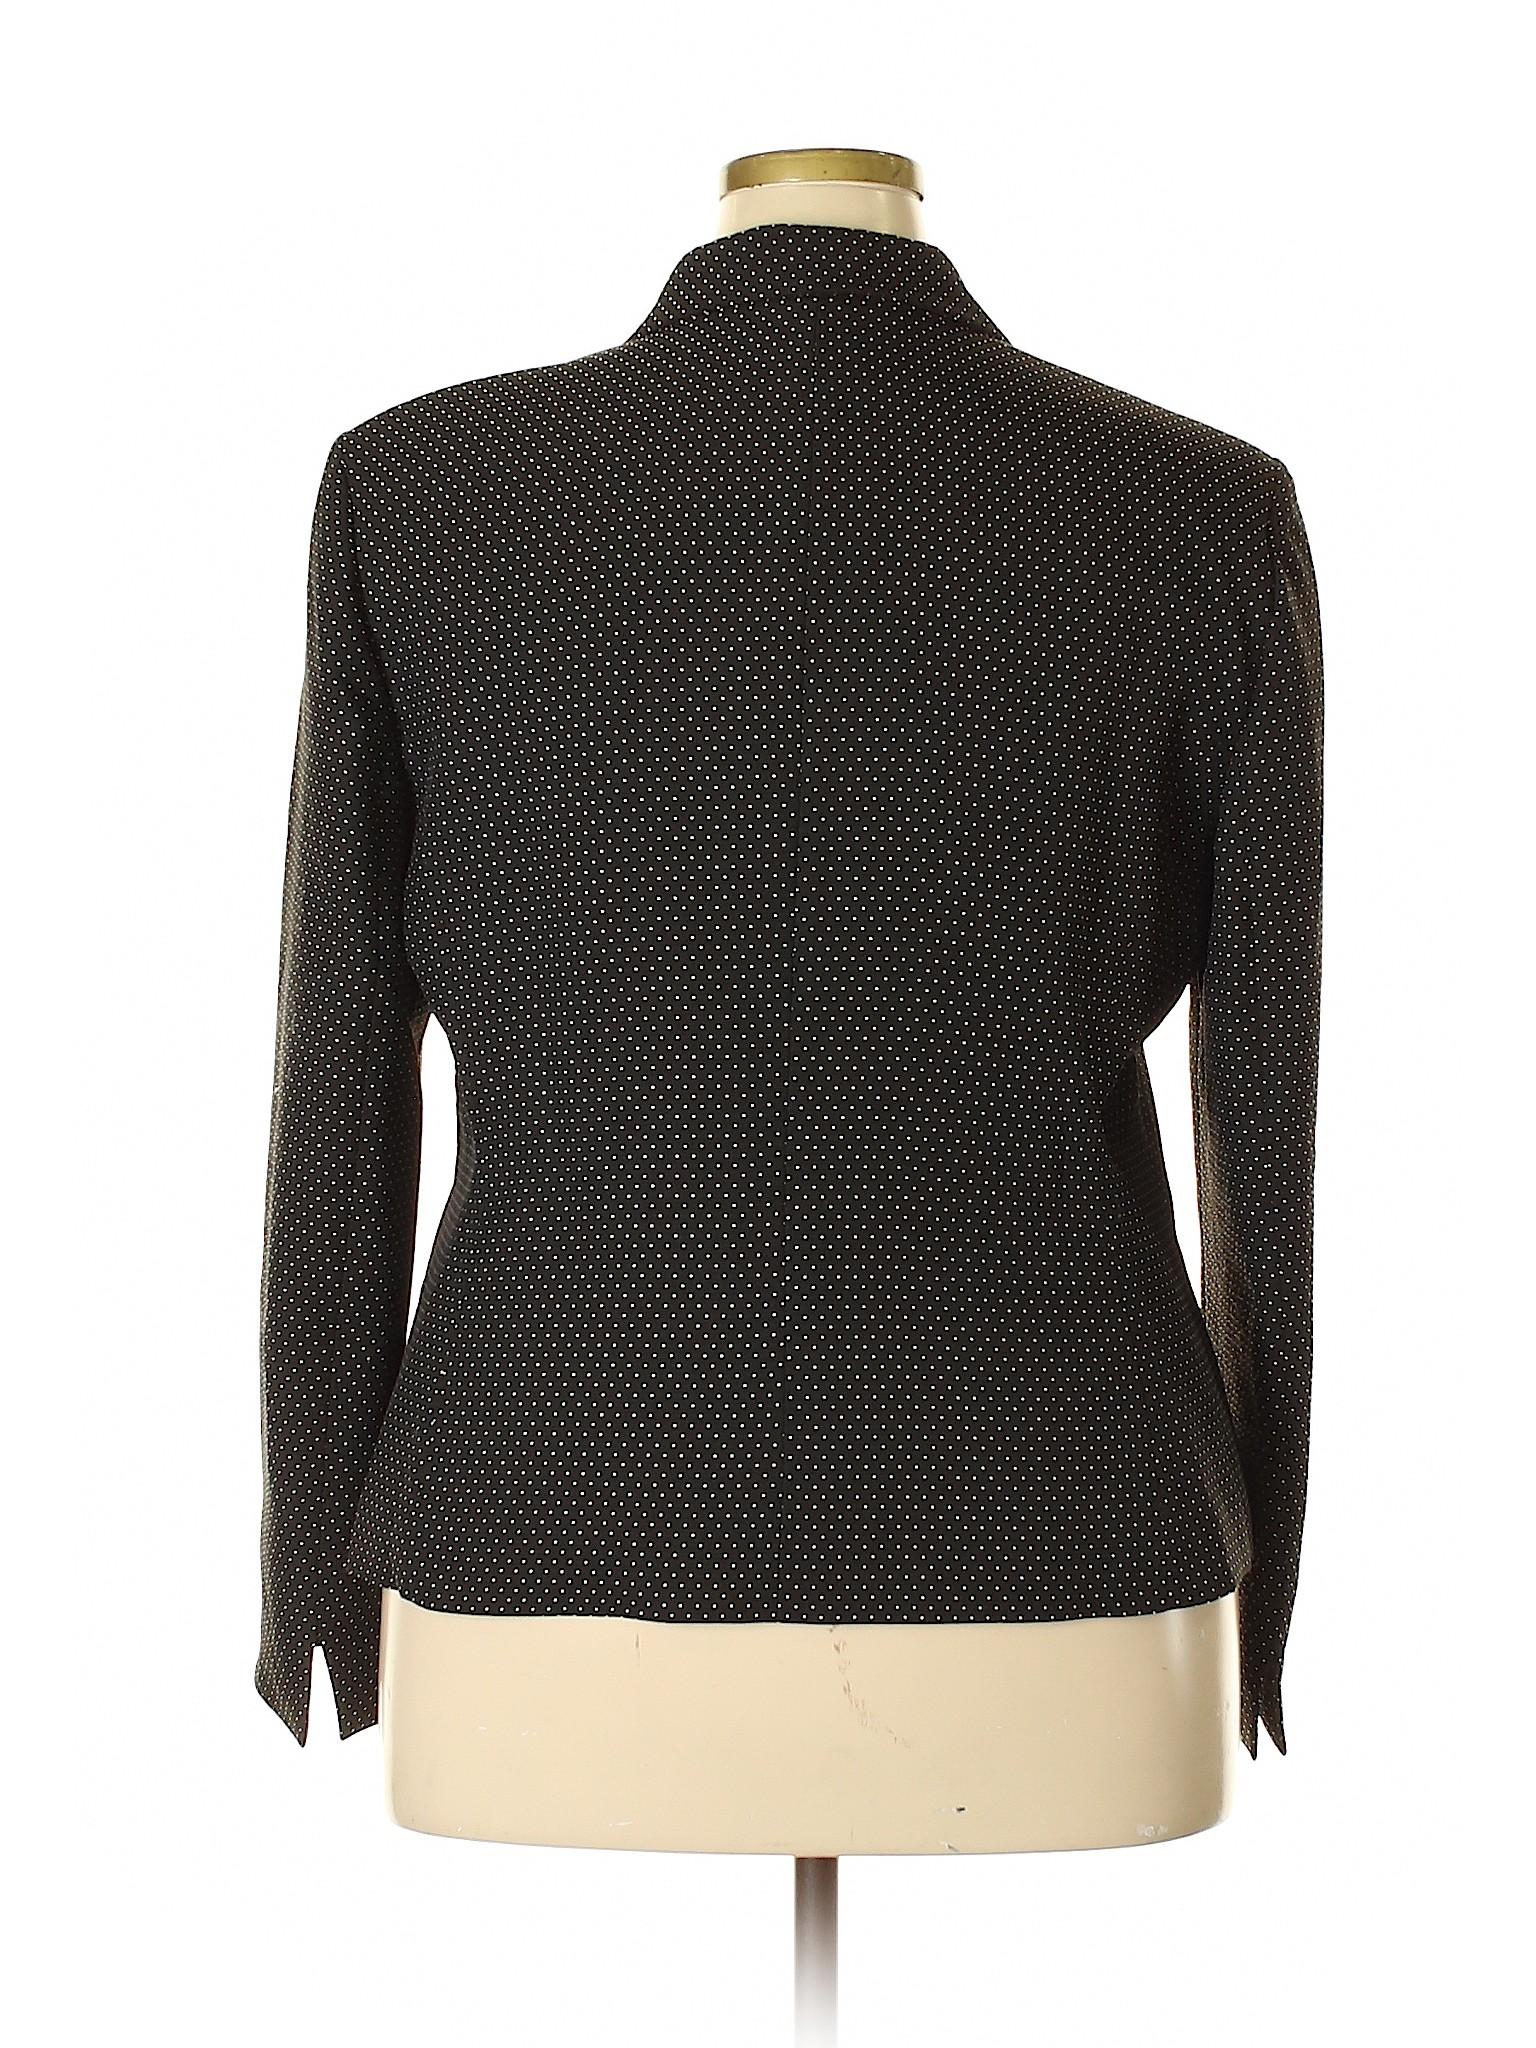 9a66d7424b Black Label by Evan Picone 100% Polyester Polka Dots Black Blazer Size 18  (Plus) - 74% off